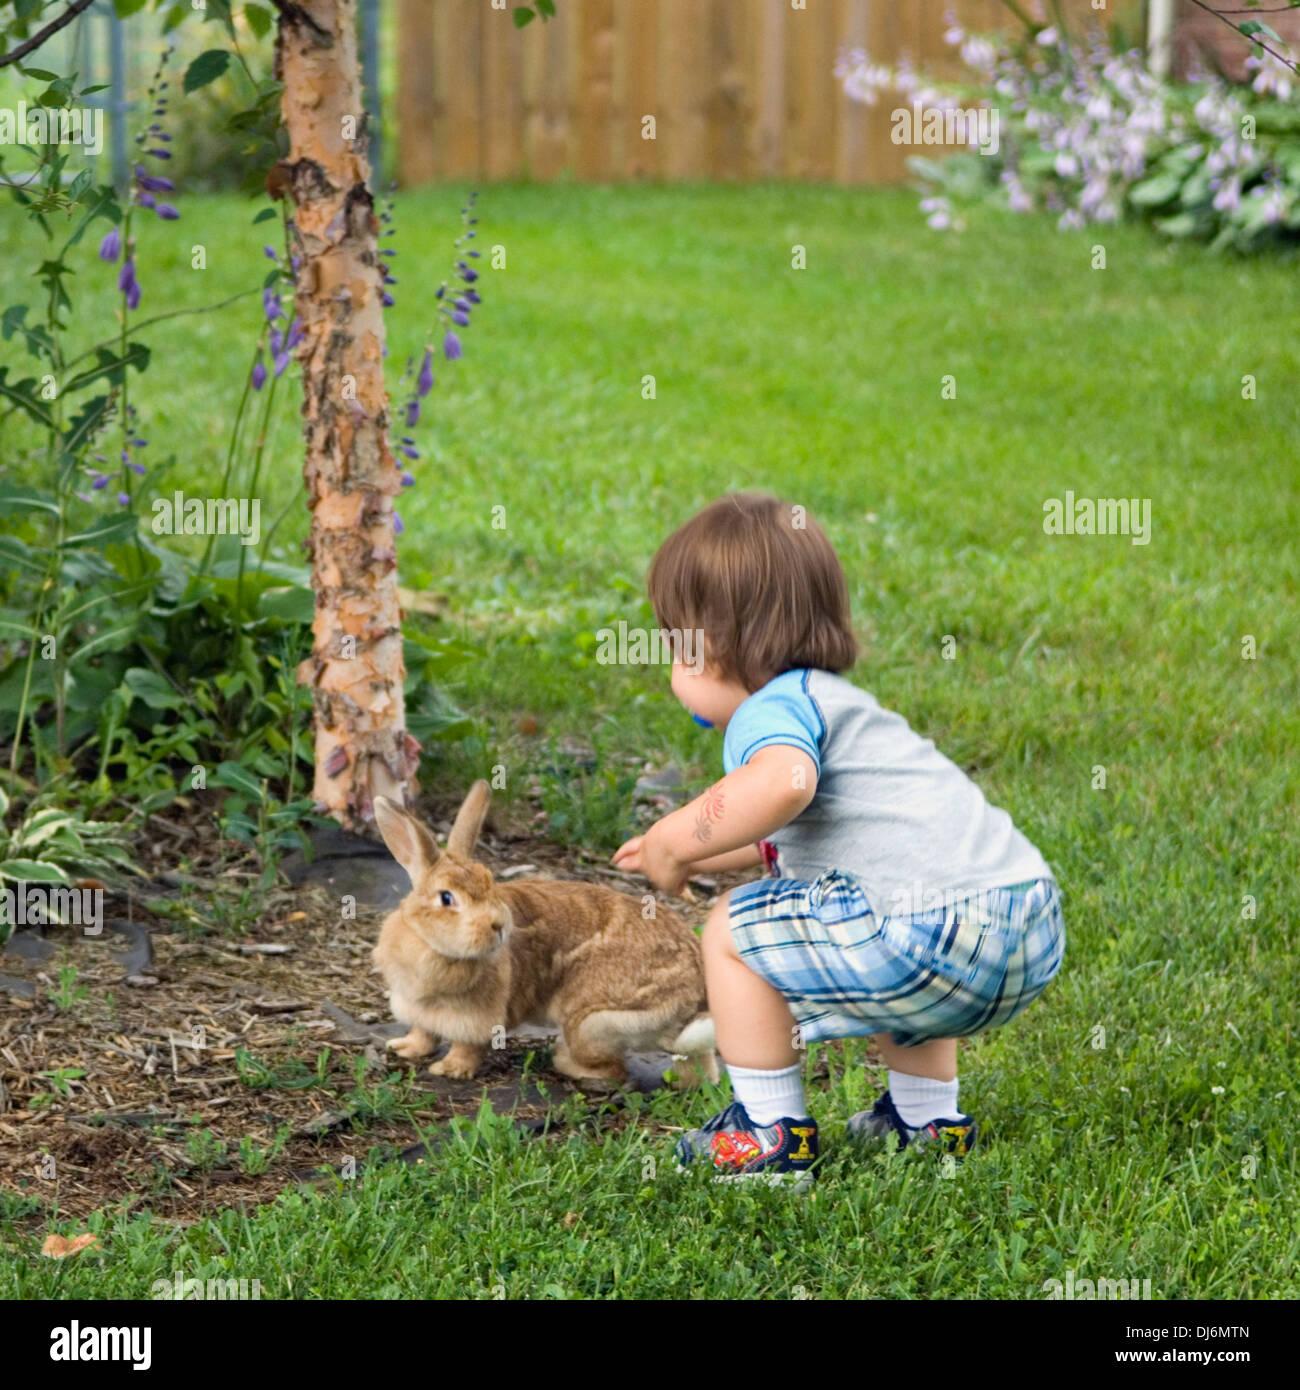 Kleinkind streicheln heimischen Bunny in einem Vorort Hof Stockbild